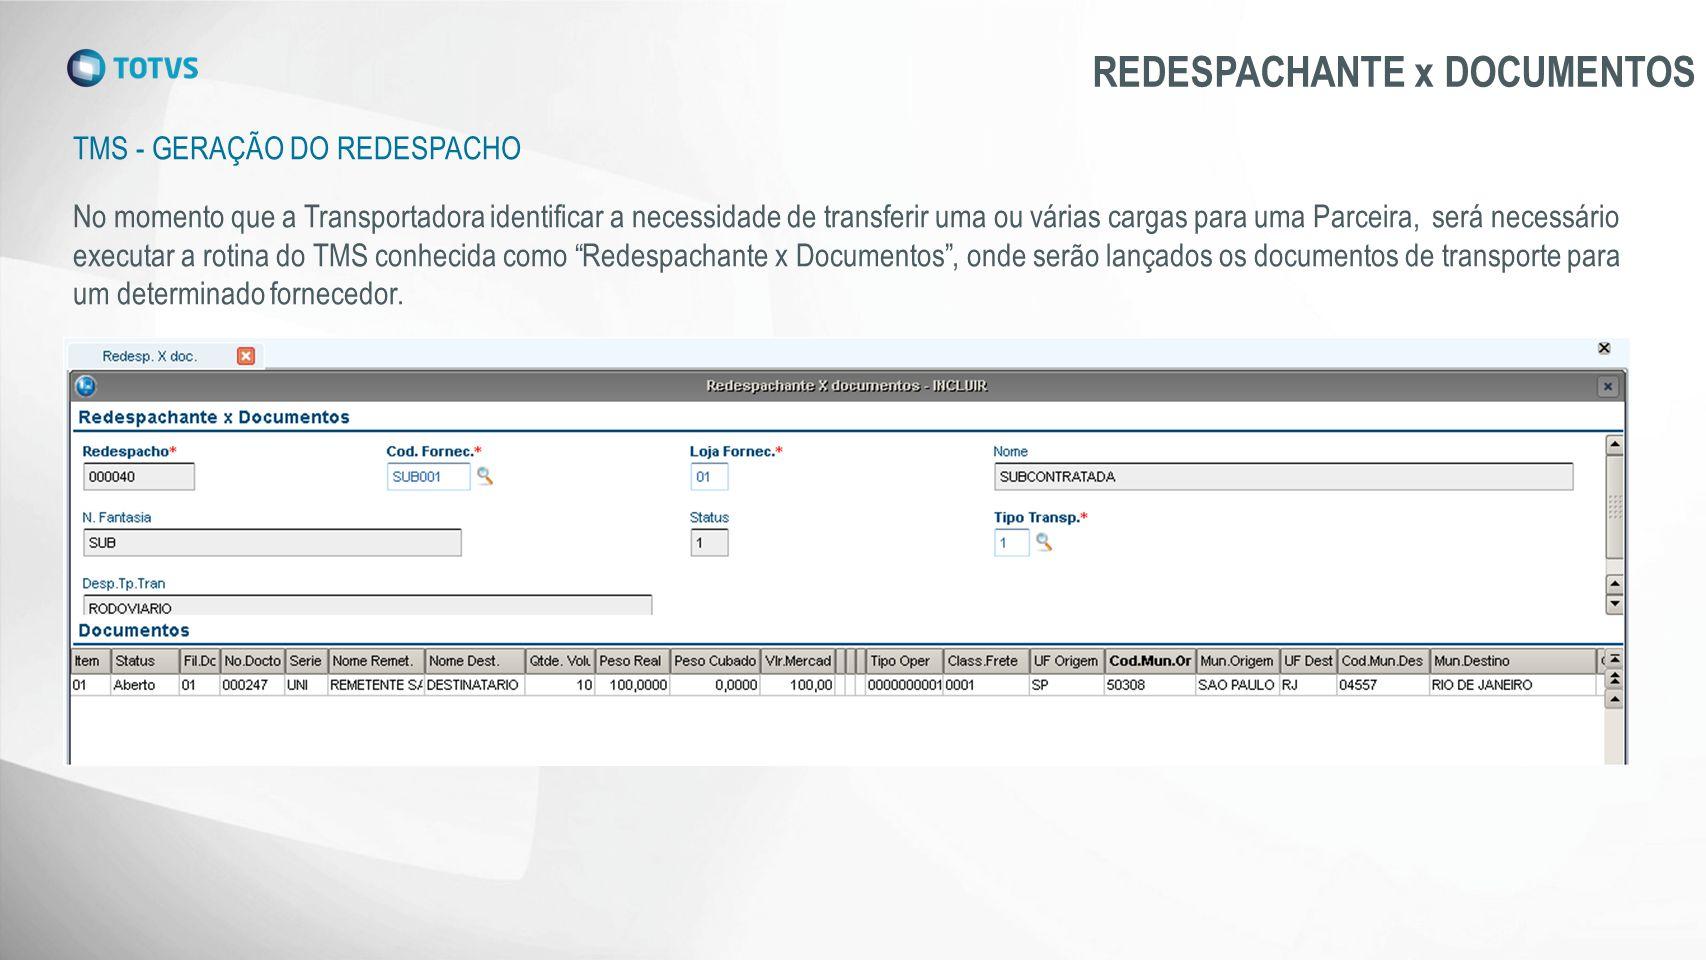 TMS - GERAÇÃO DO REDESPACHO REDESPACHANTE x DOCUMENTOS No momento que a Transportadora identificar a necessidade de transferir uma ou várias cargas pa